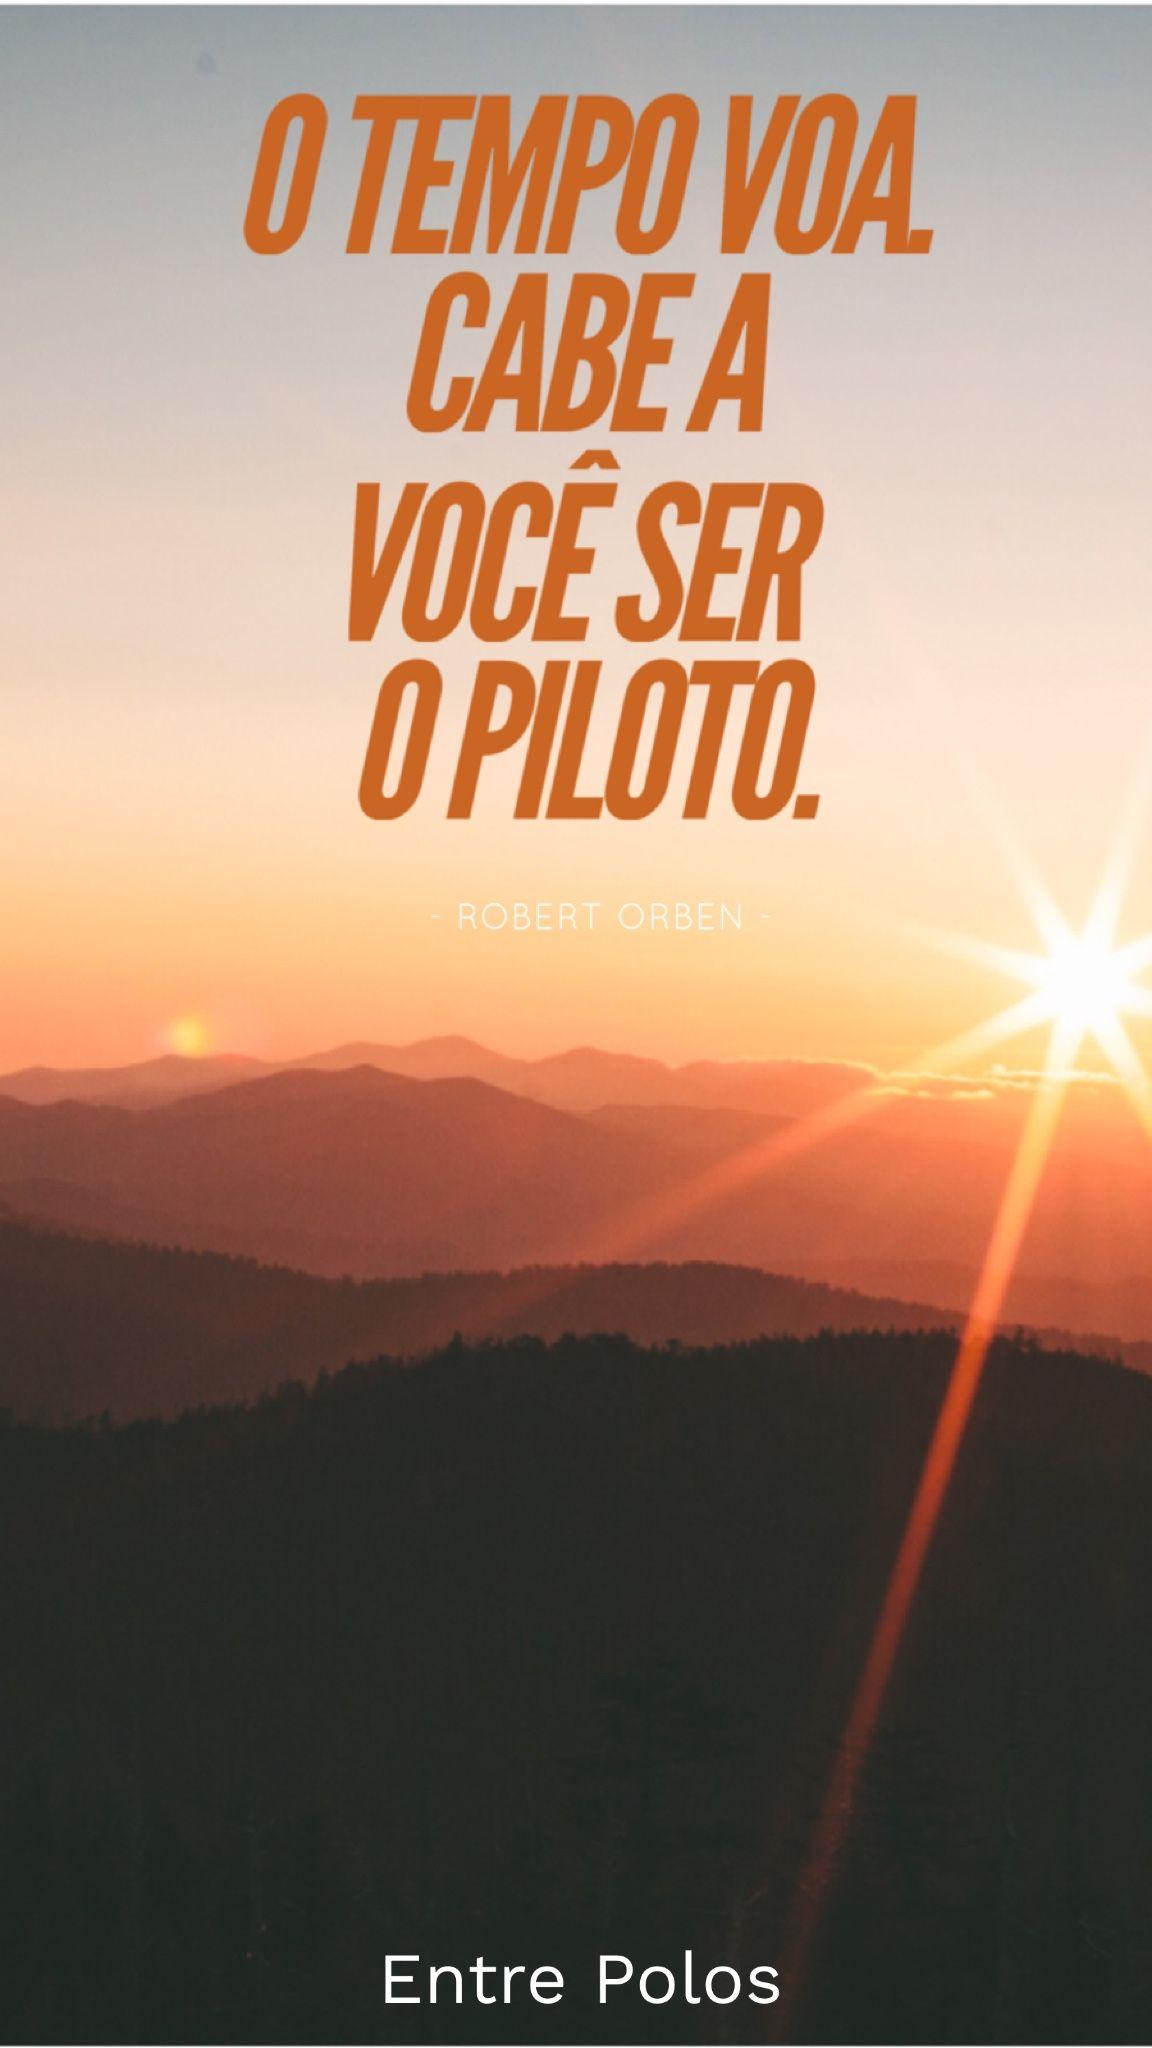 Inspire Se Para Viajar Mais Frases Inspiradoras Português Frases